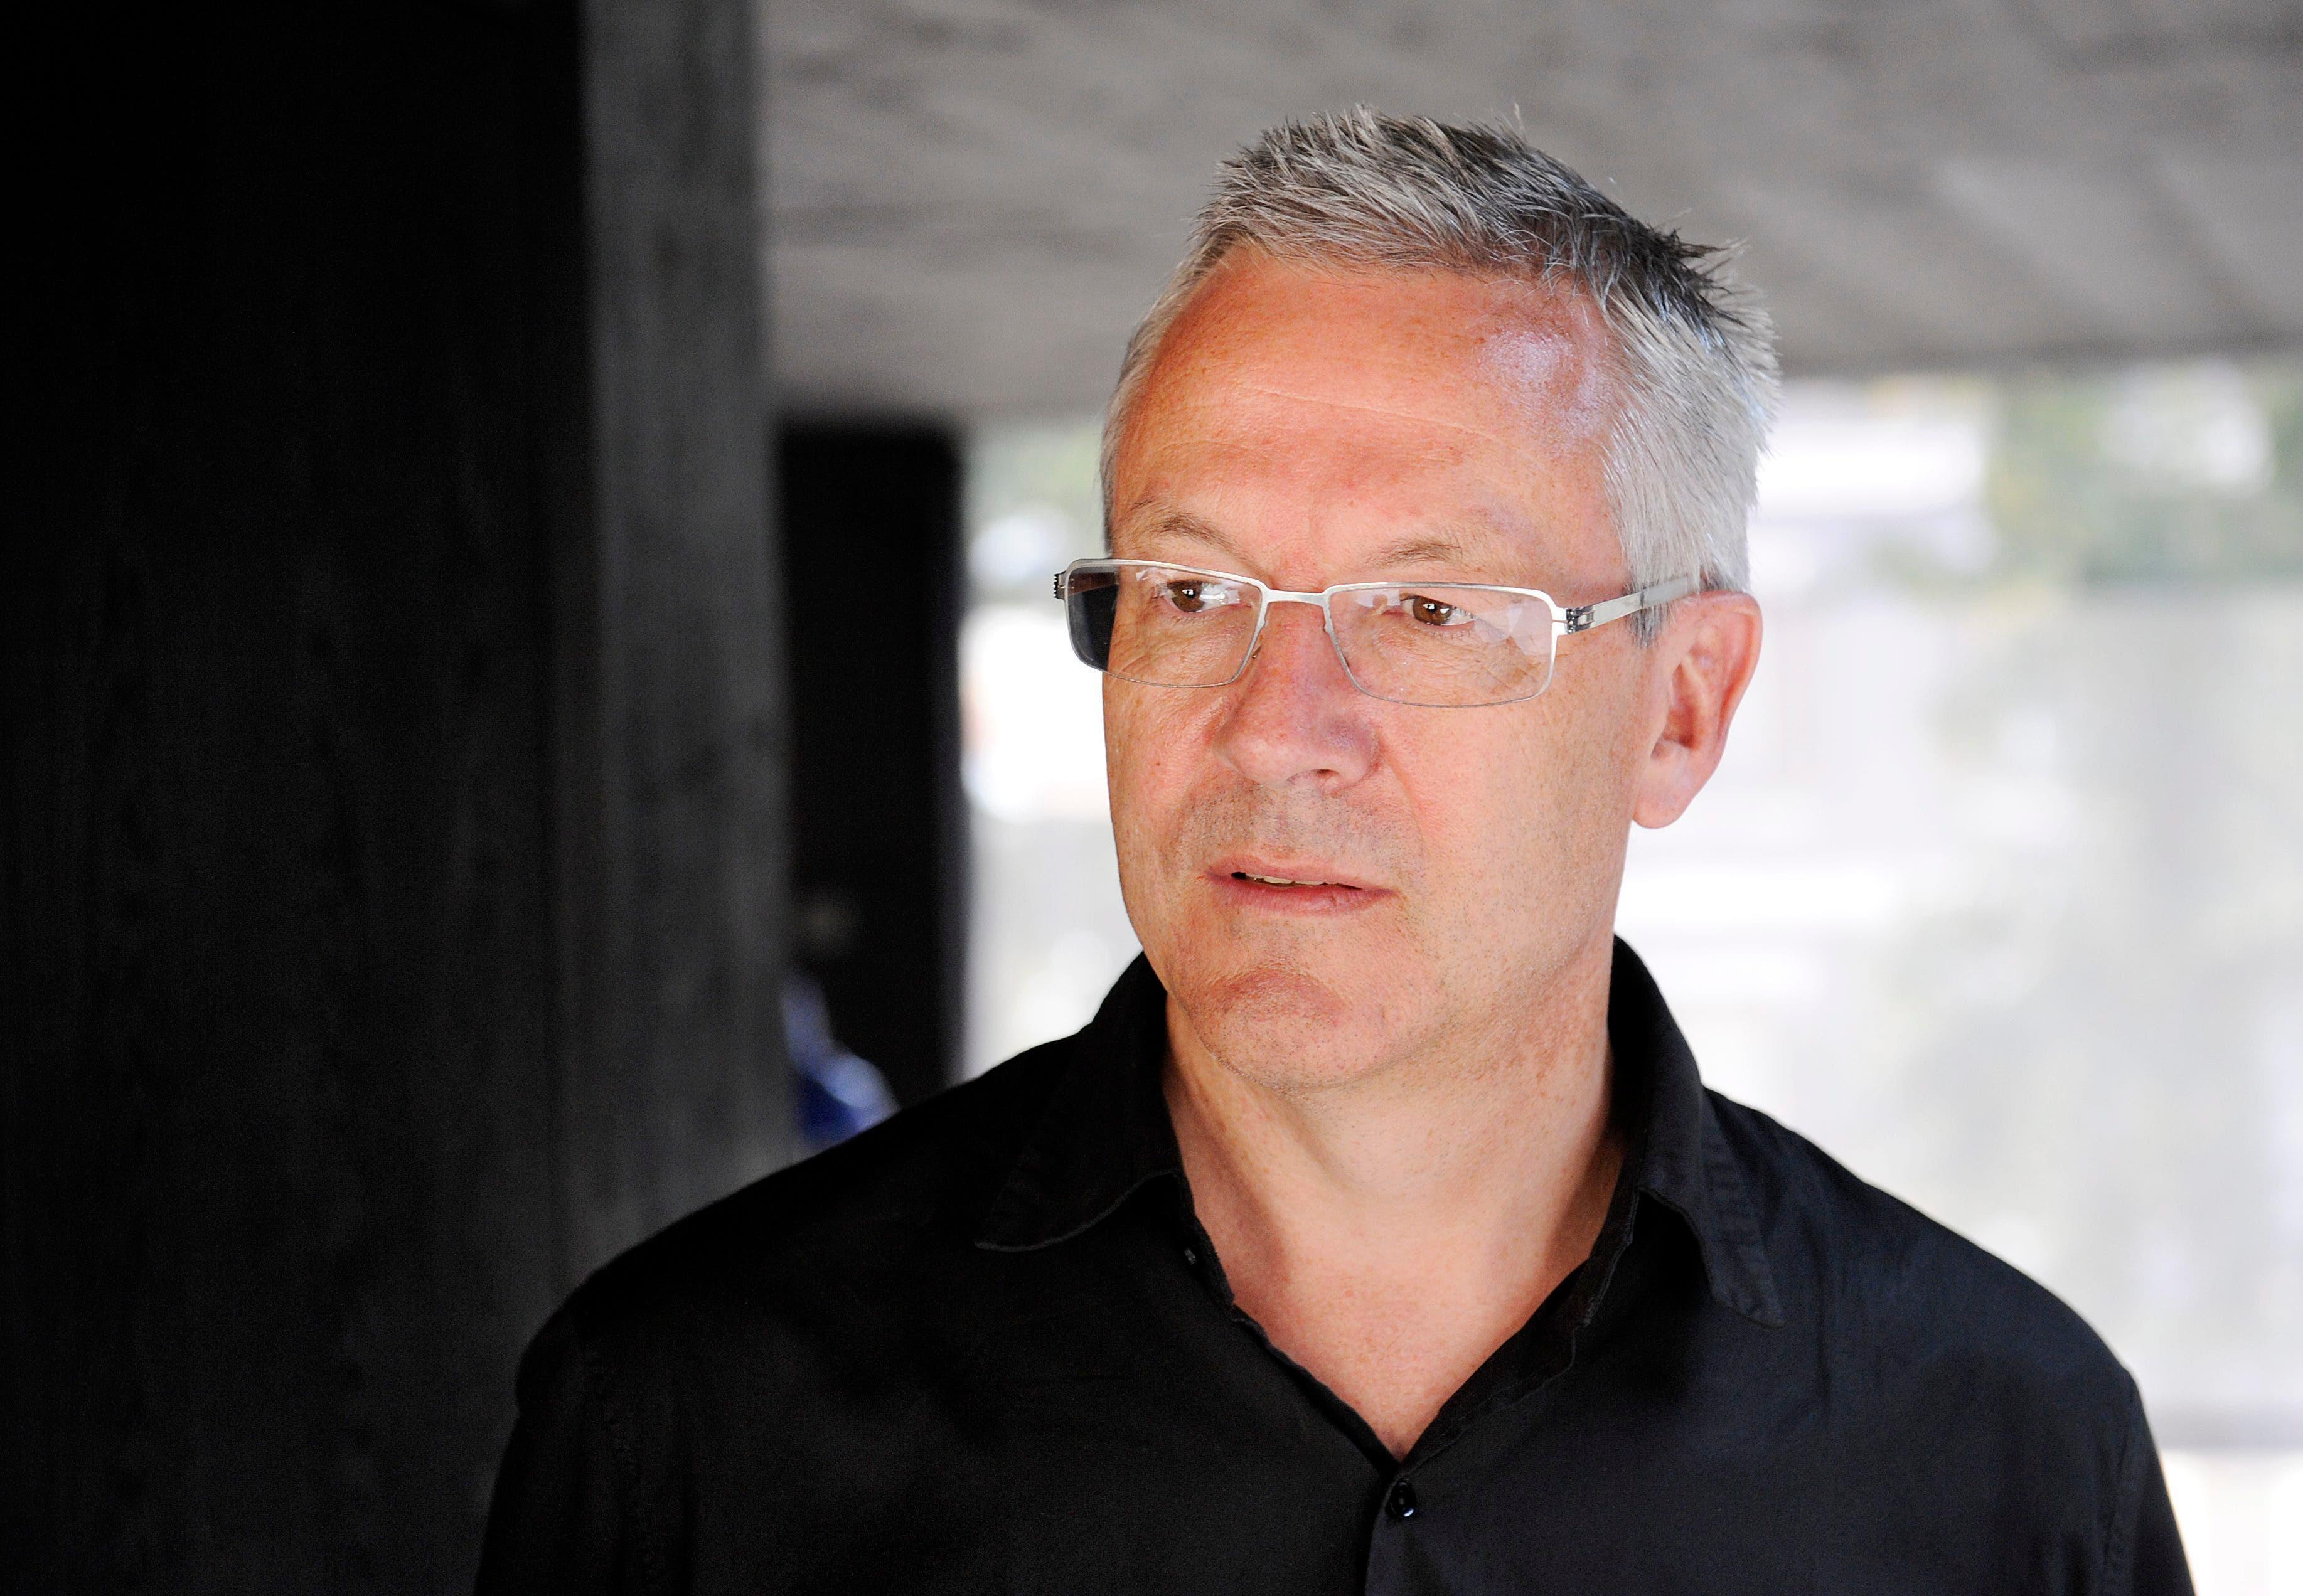 Valerio Olgiati aus Flims GR wird Kanye West's Hausarchitekt.